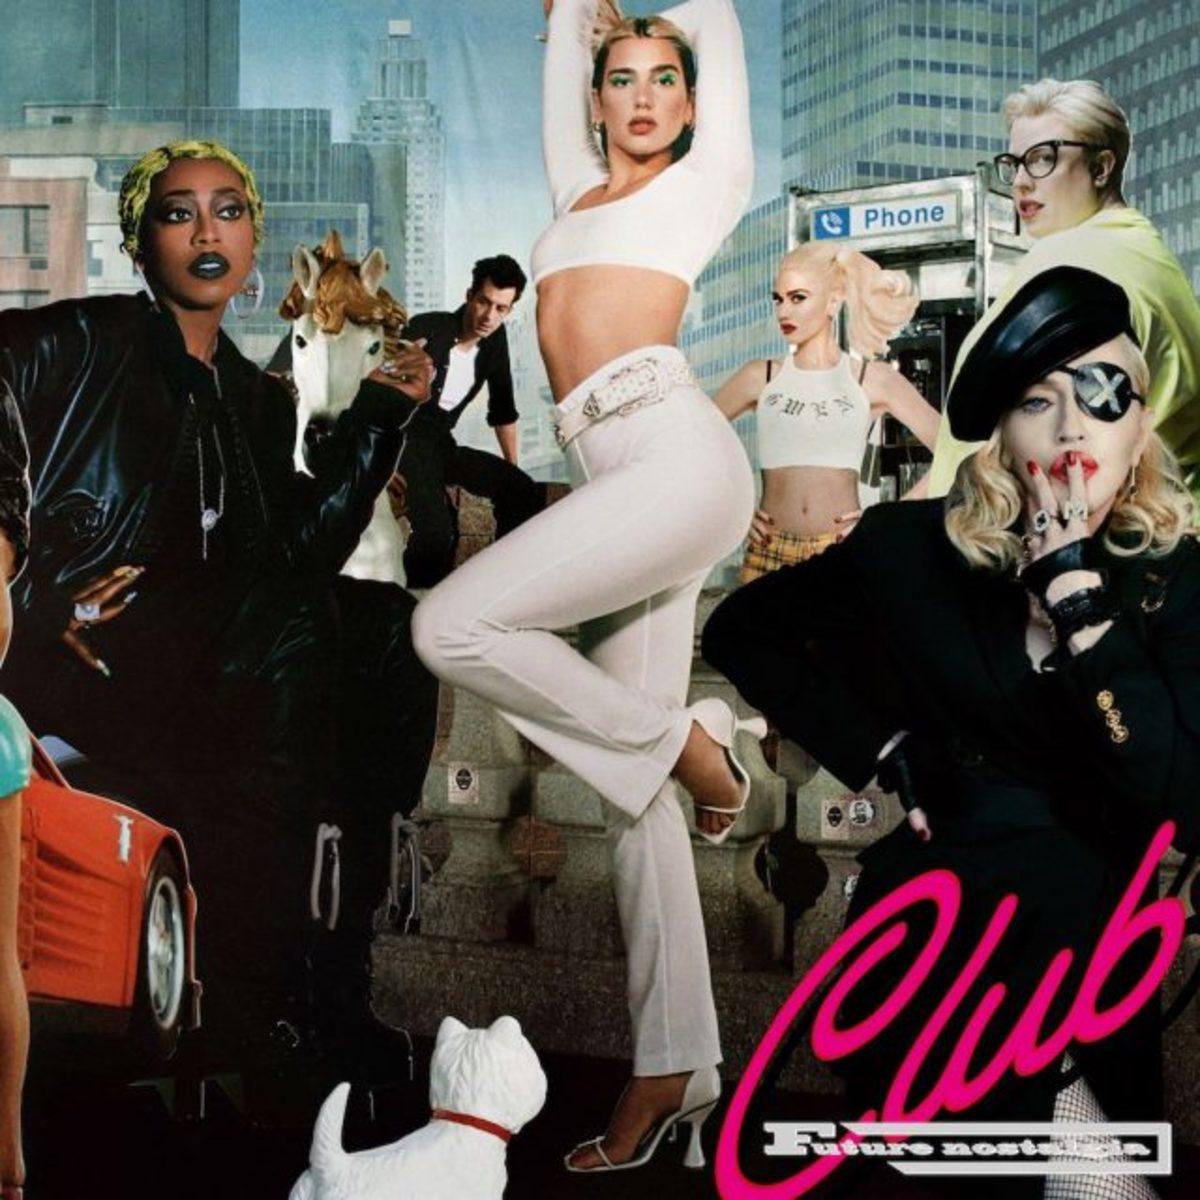 club-future-nostalgia-3-1597950858-640x640